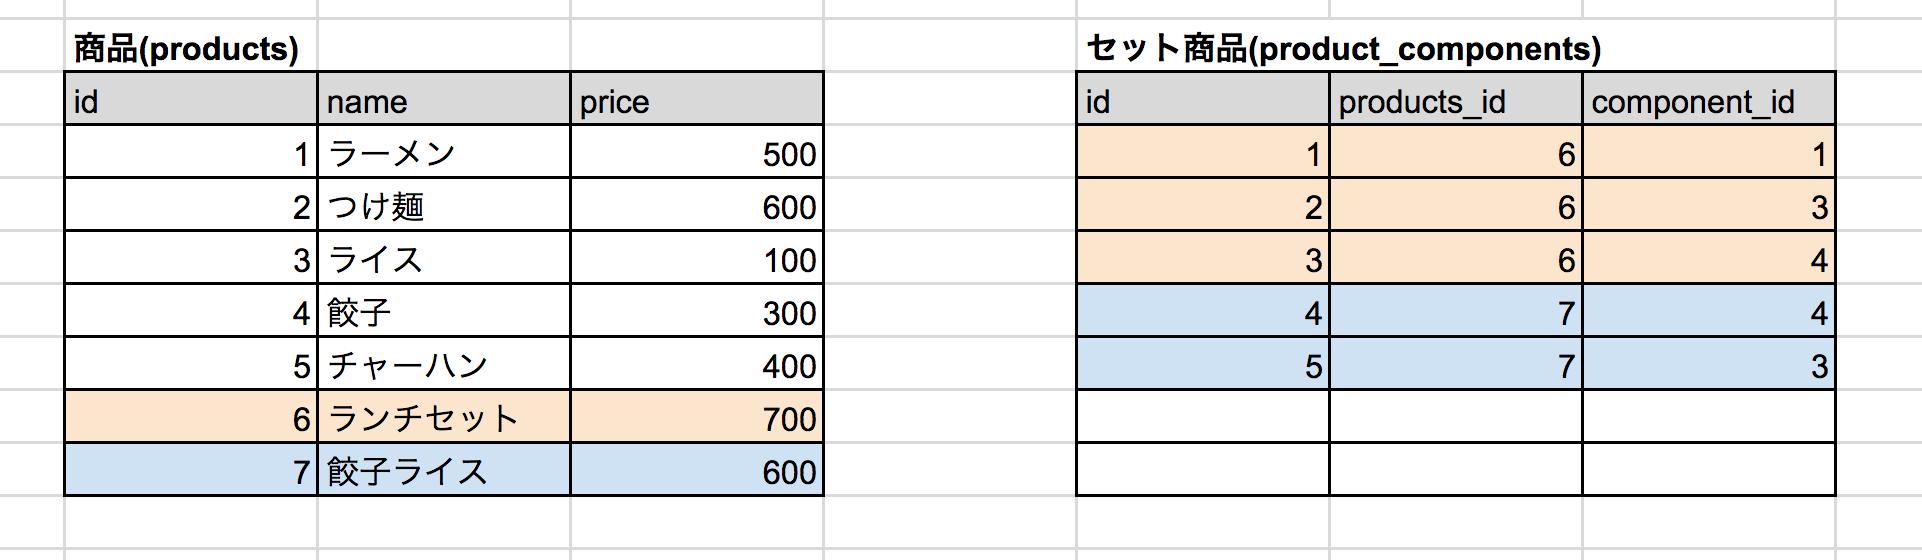 商品のセット情報をもつ関連テーブルを作る